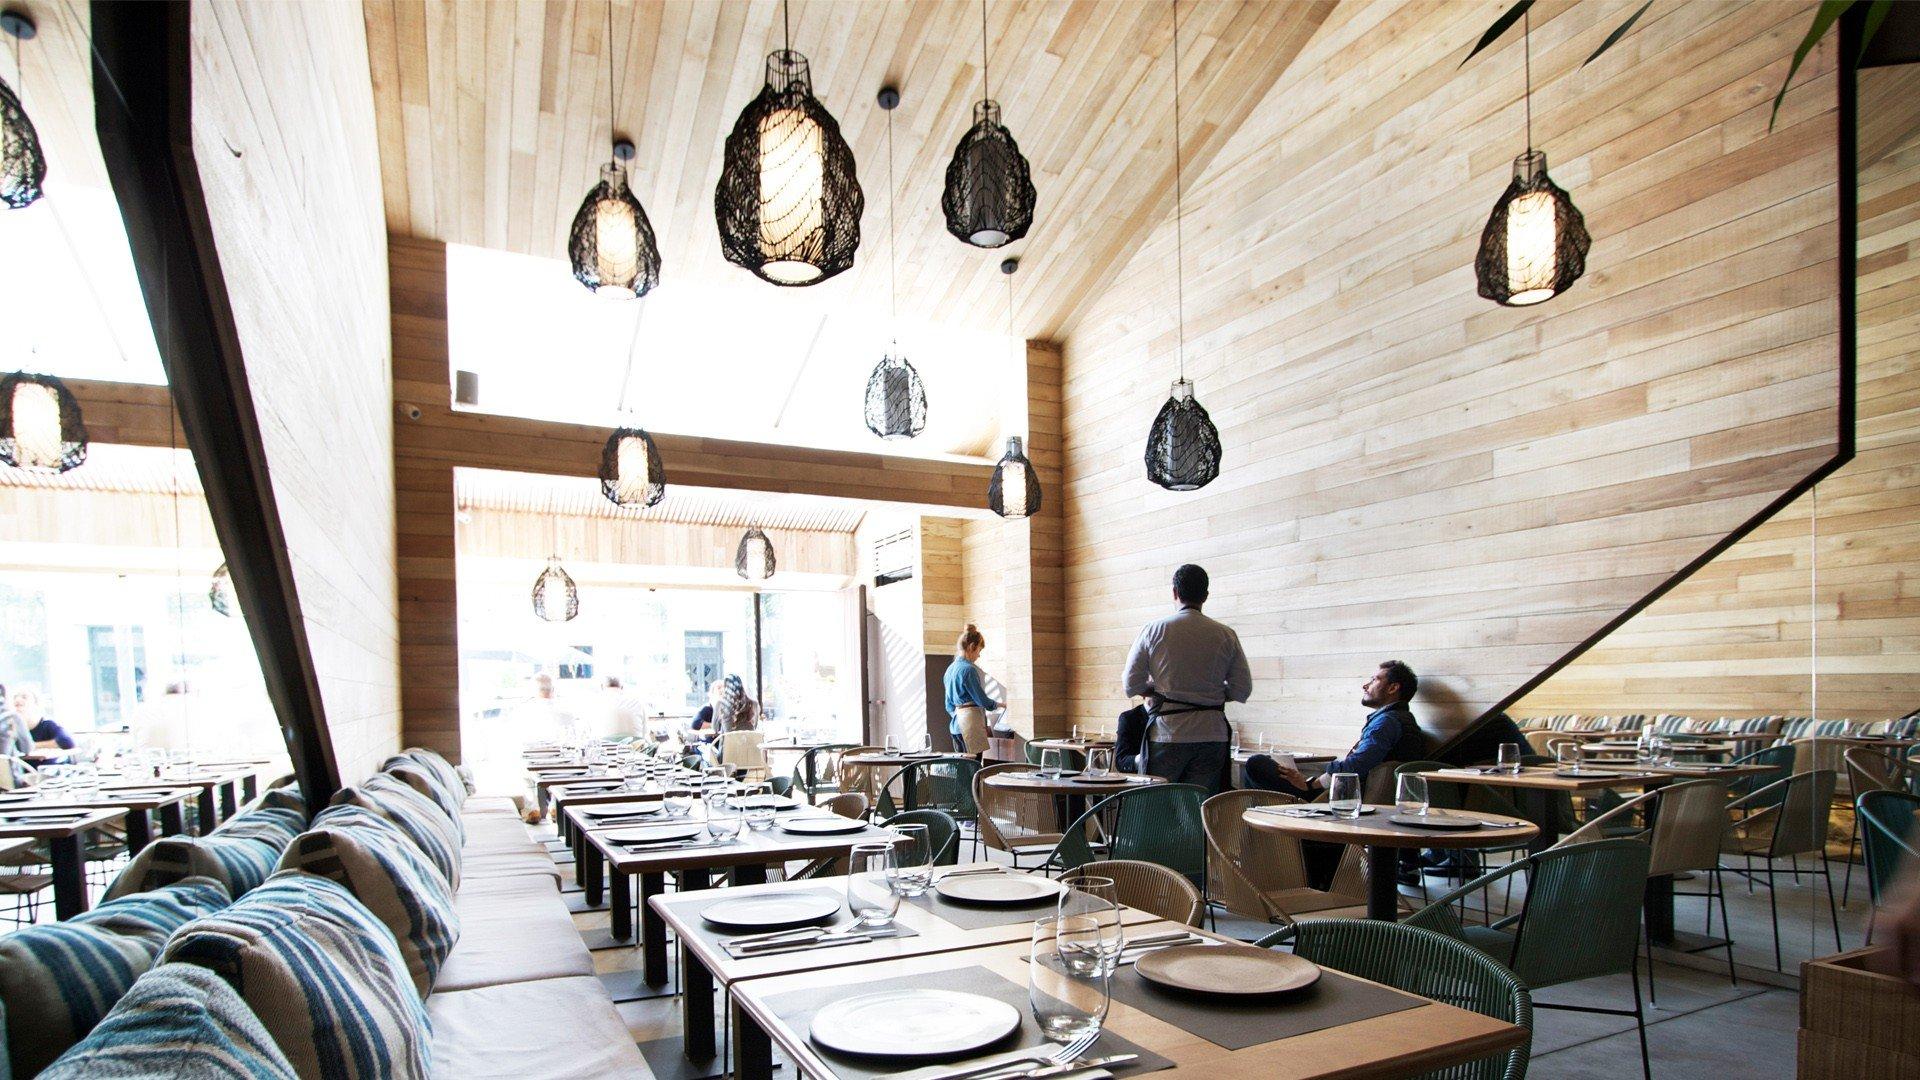 7.restaurante-tanit-interna-diurna-8